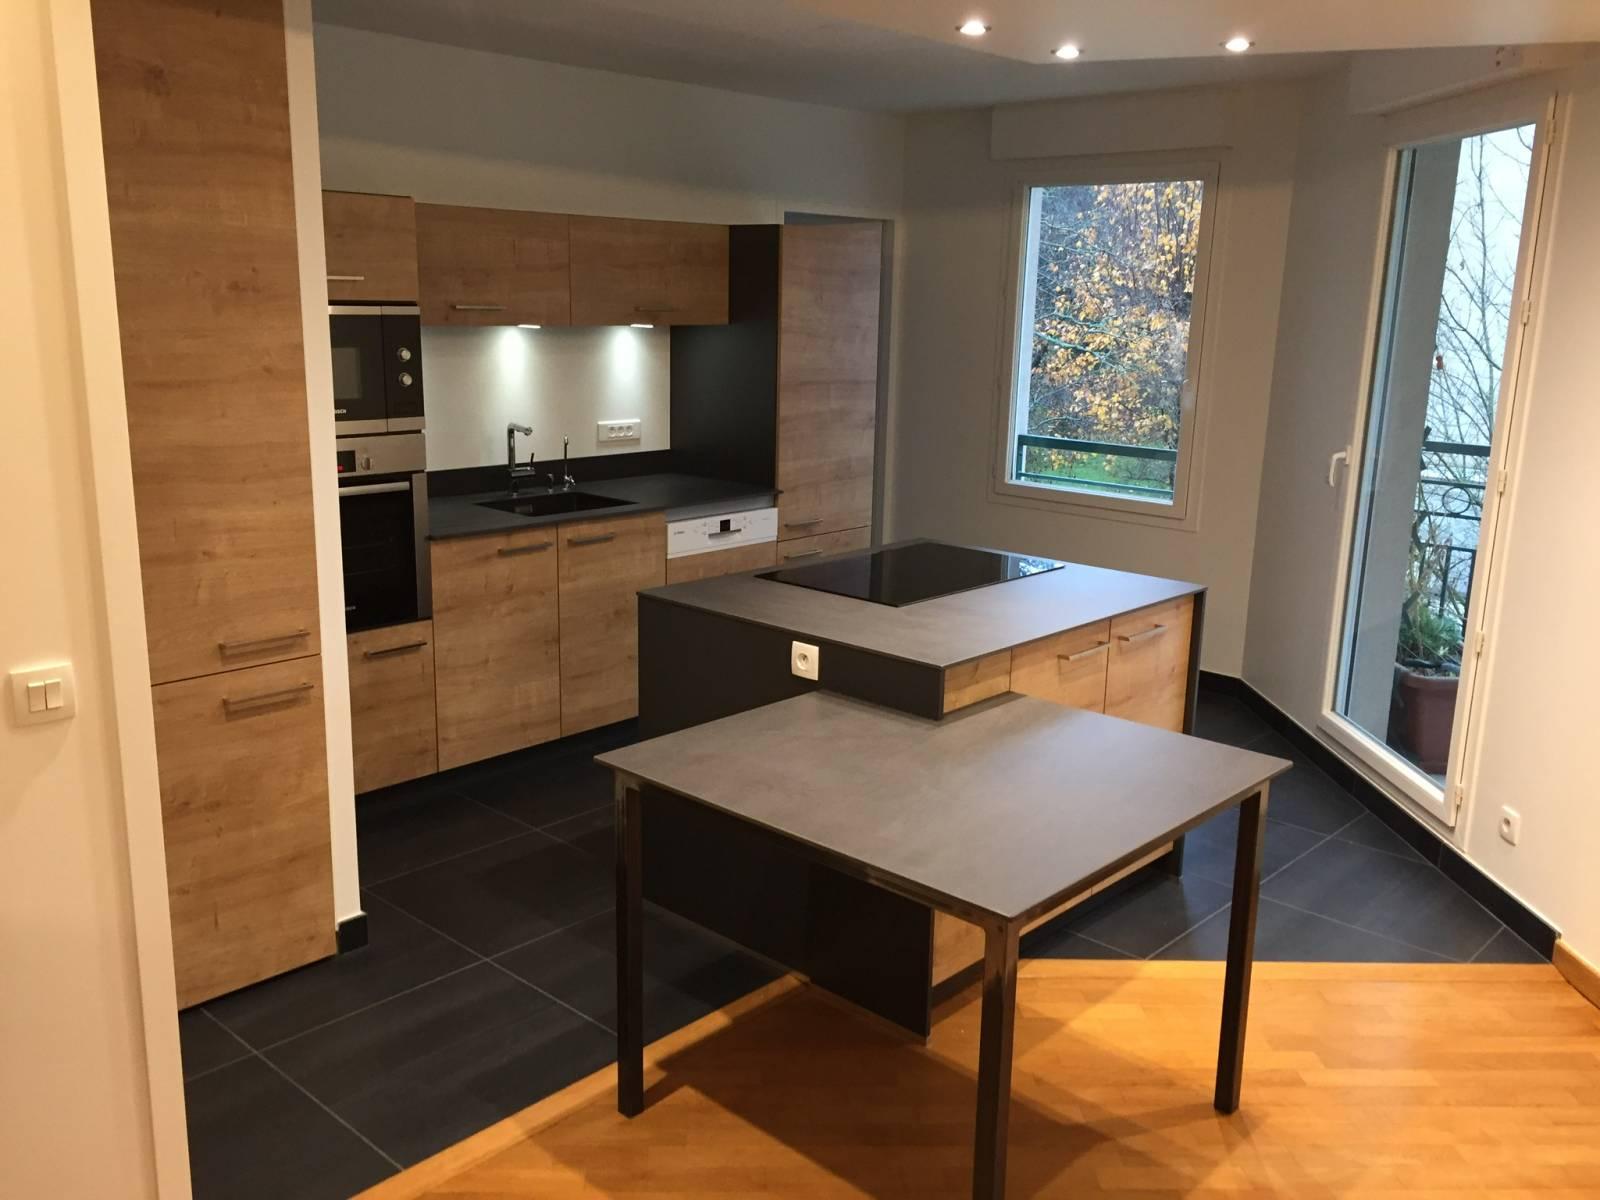 cuisine bois et plan de travail granit lyon 6 cuisiniste haut de gamme lyon am nagement. Black Bedroom Furniture Sets. Home Design Ideas